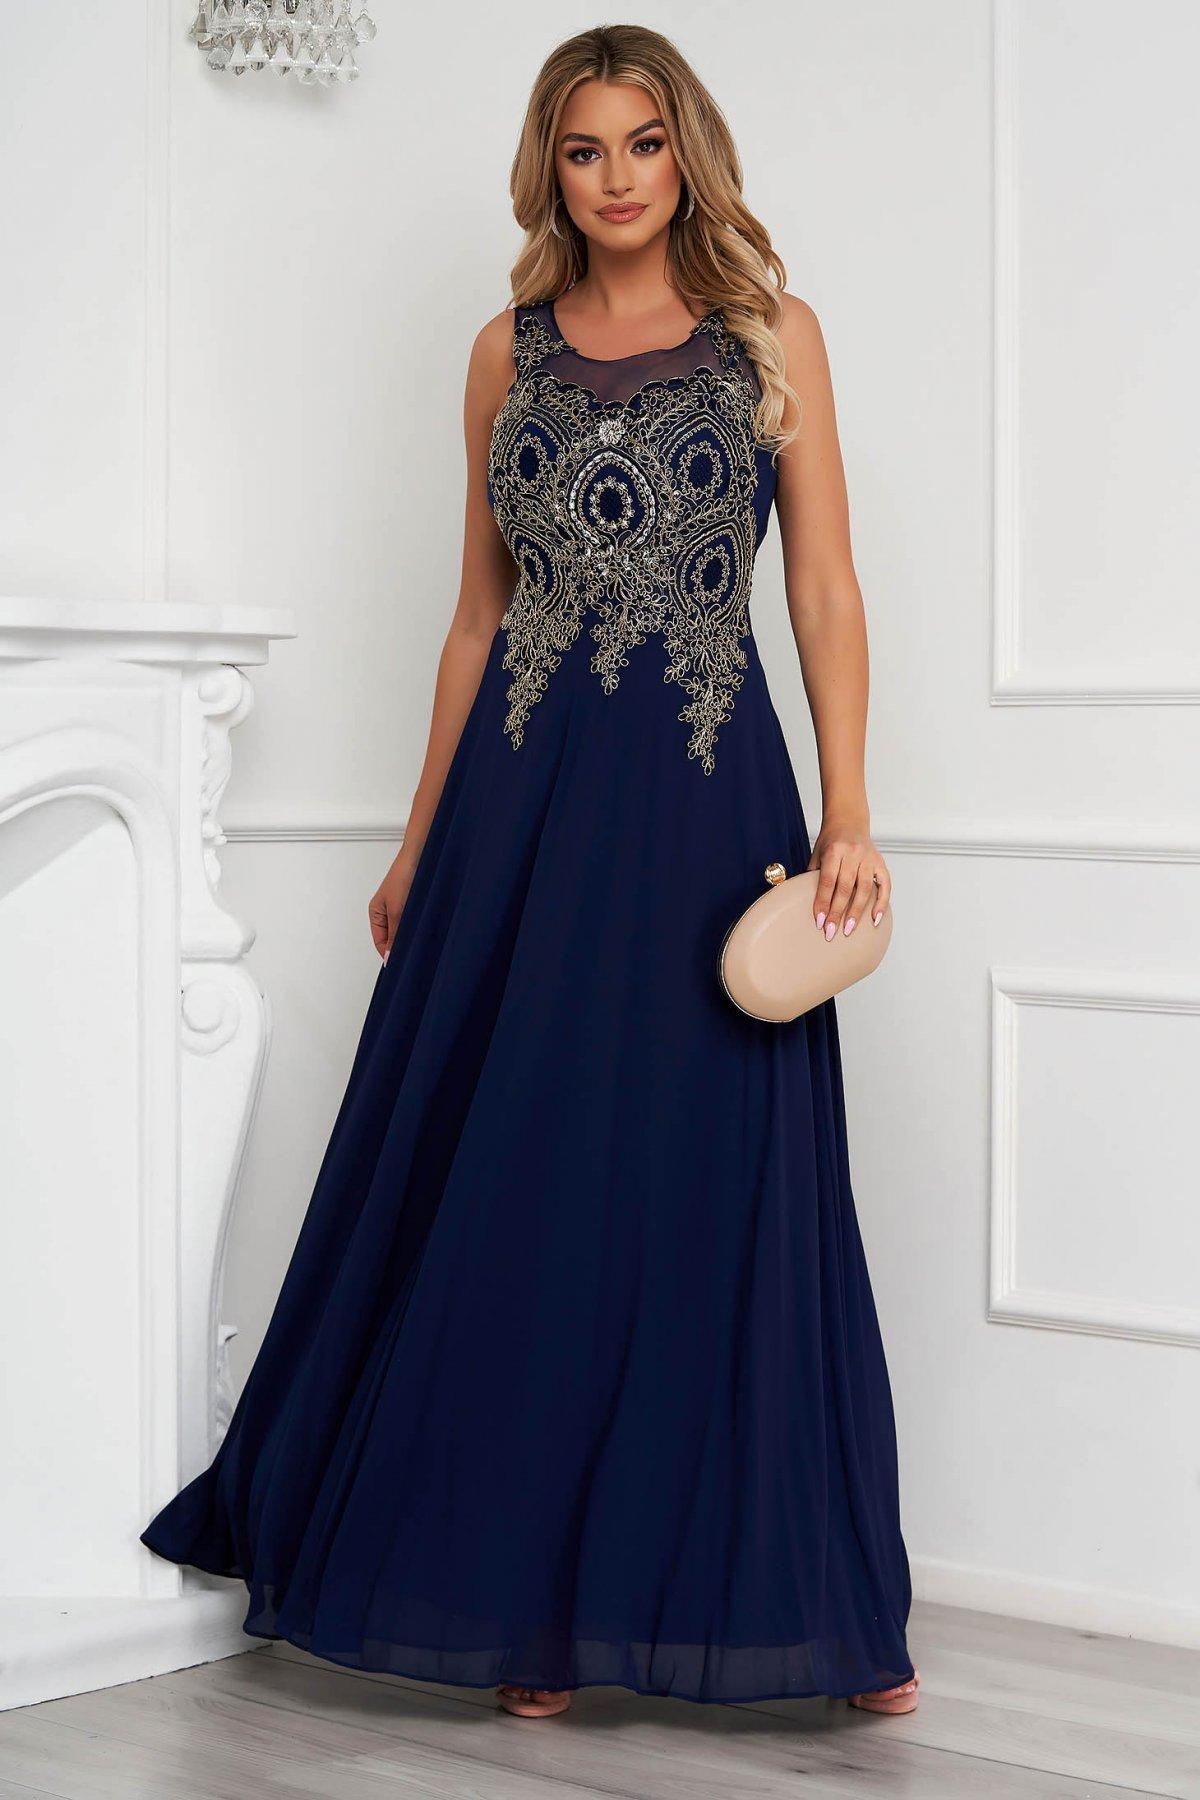 Rochie albastru-inchis lunga de ocazie in clos din tul cu broderie in fata si aplicatii cu pietre strass